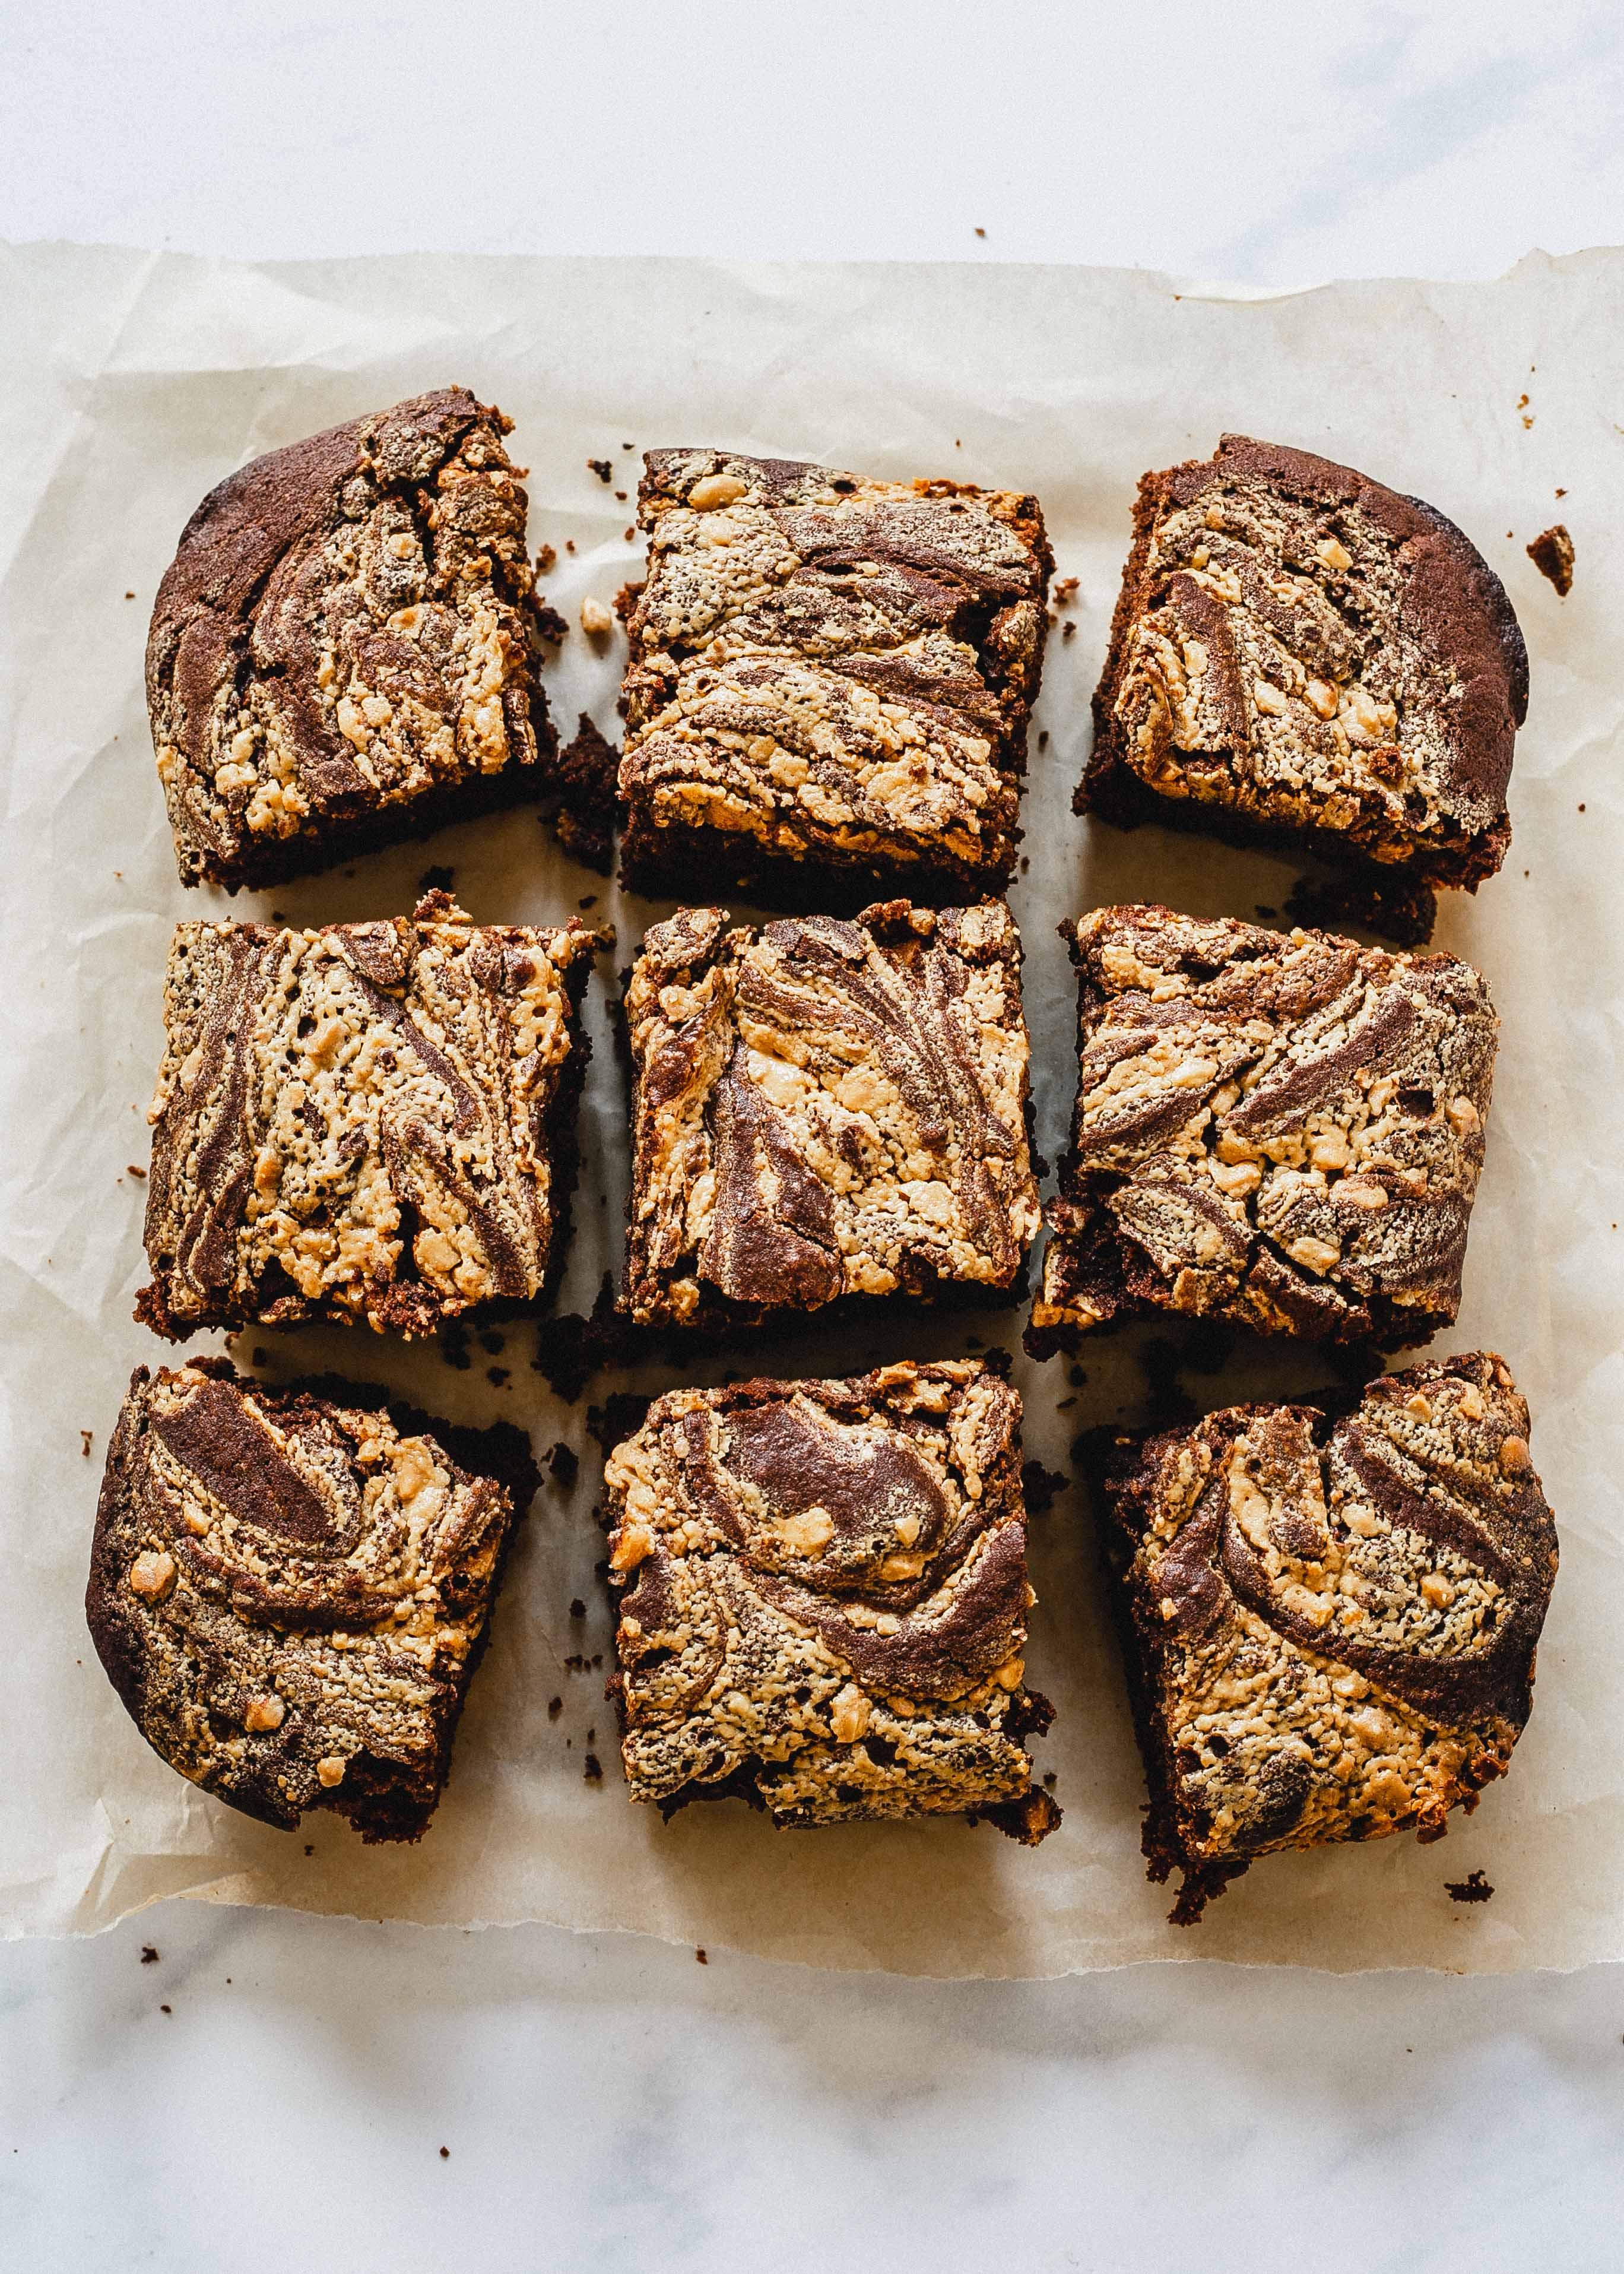 Vegan Low FODMAP peanut butter brownies